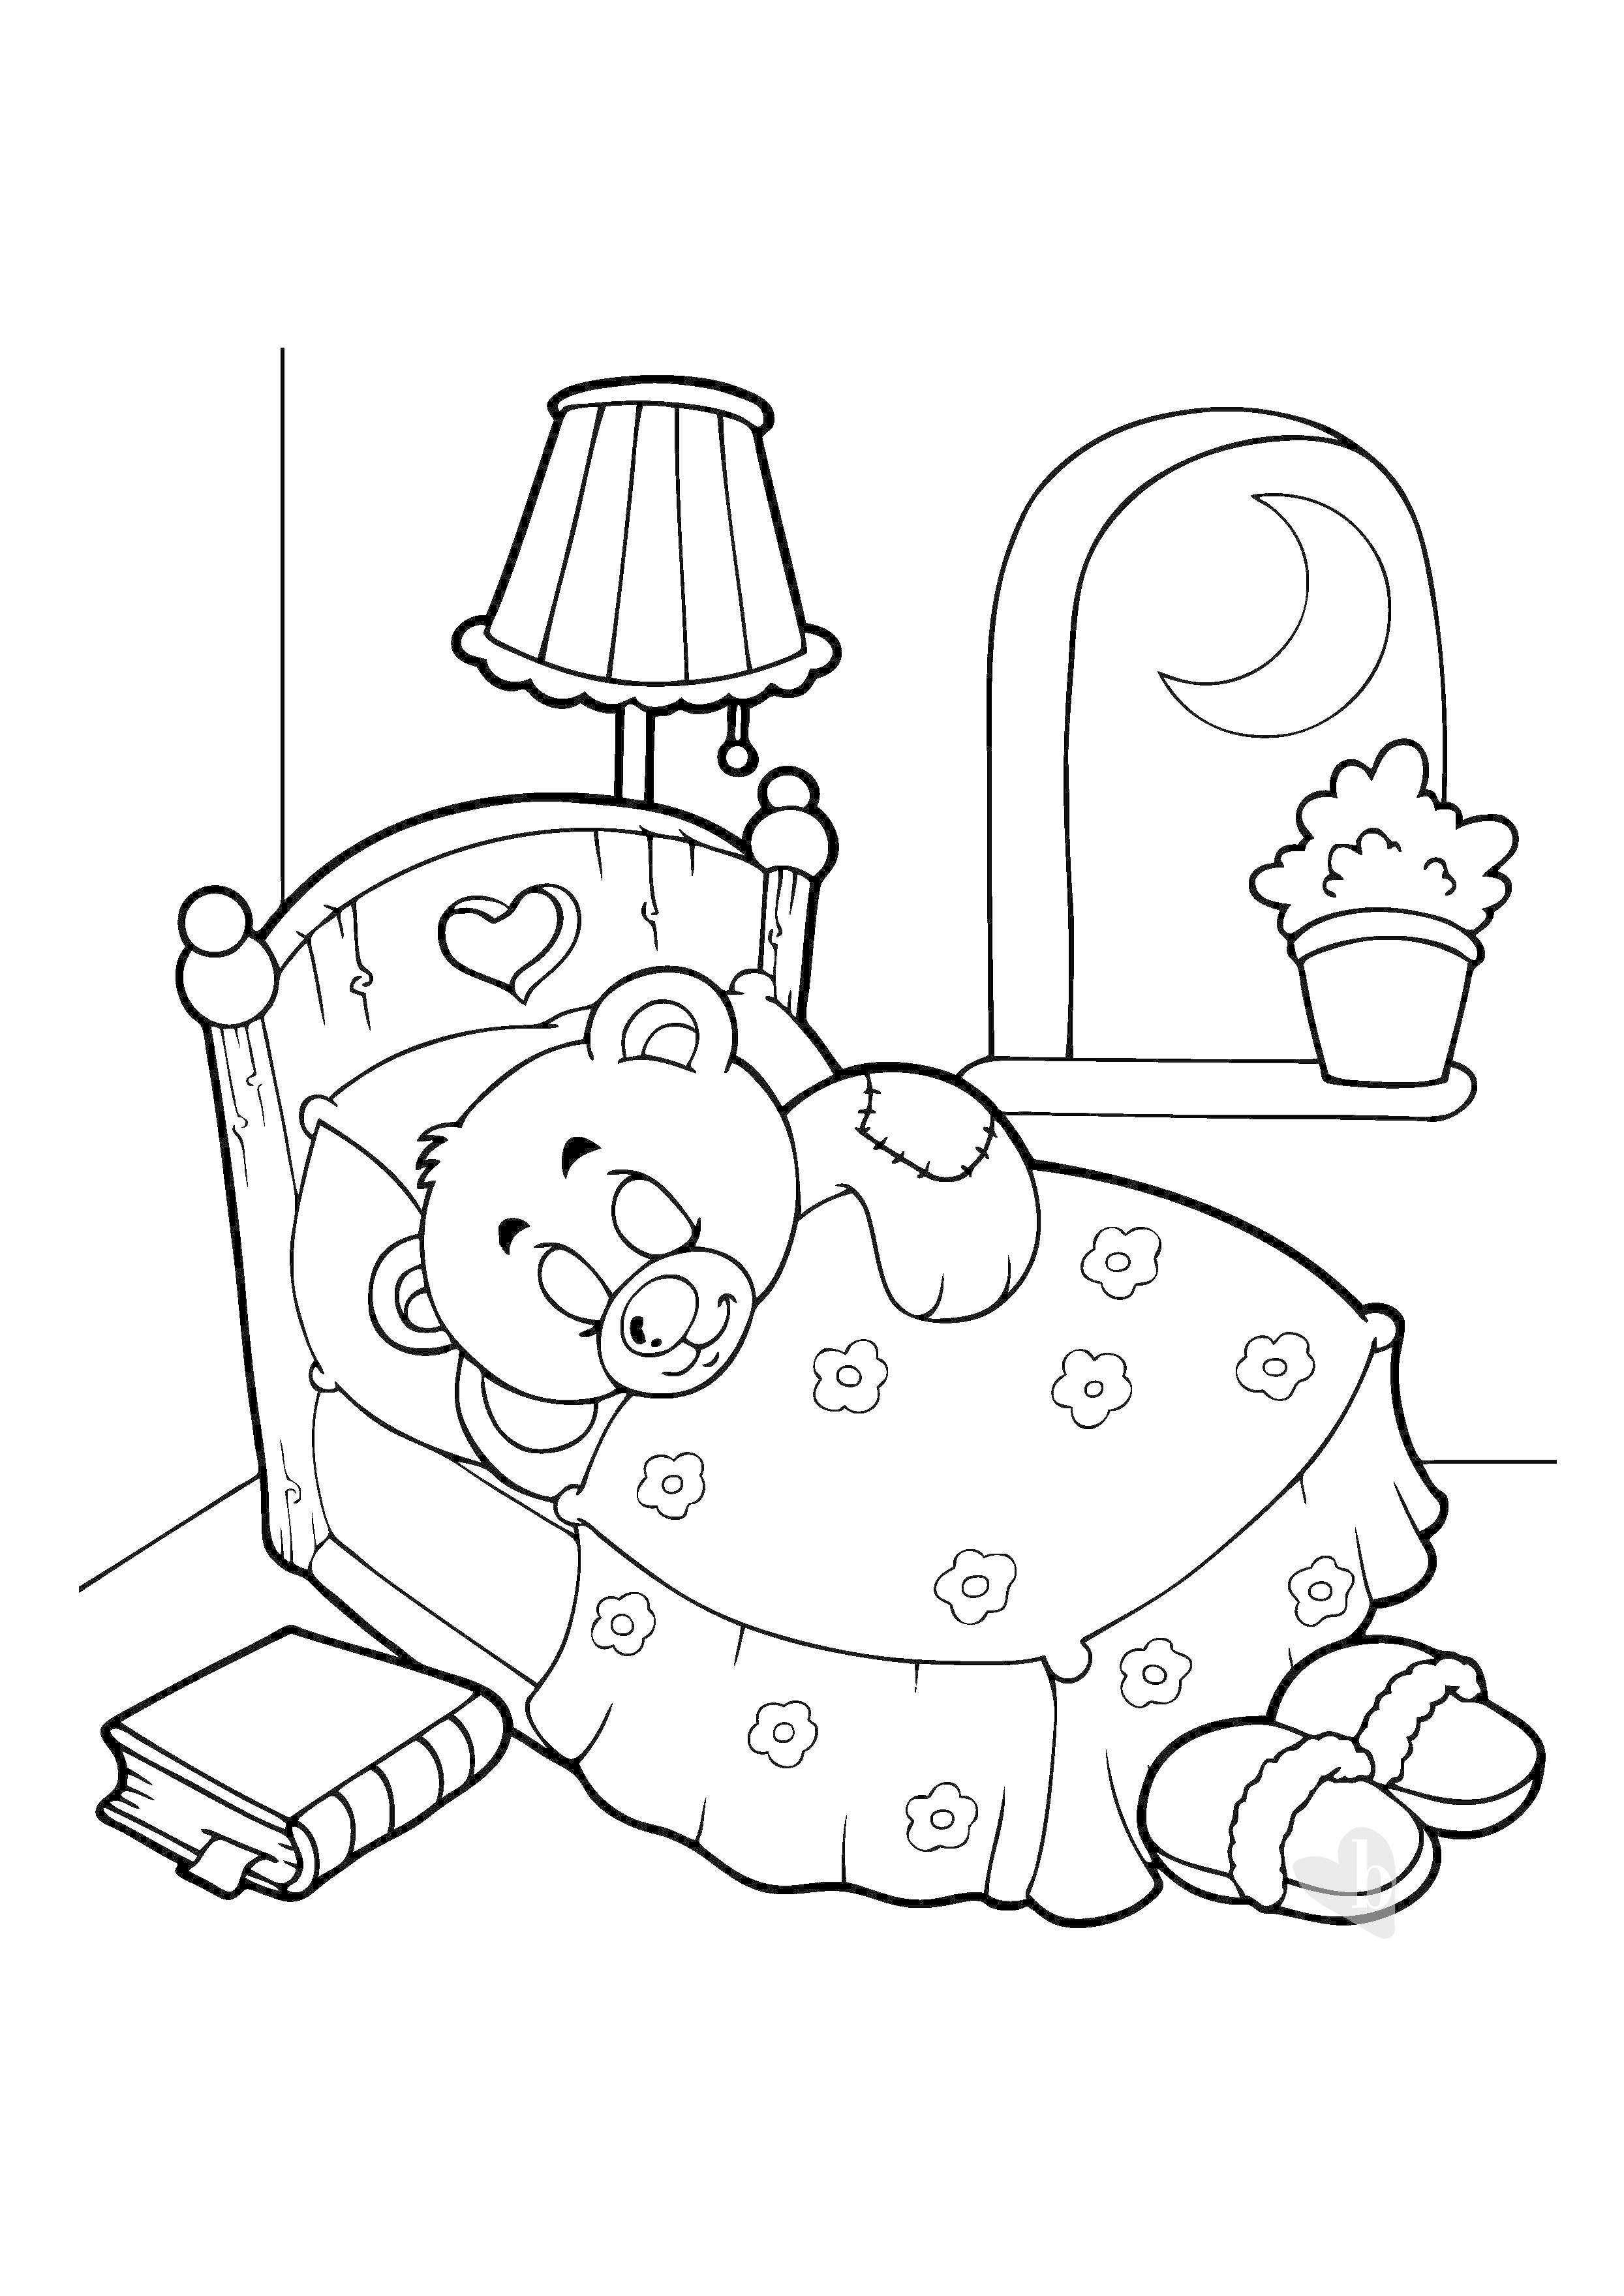 disegni da colorare bimbo che dorme